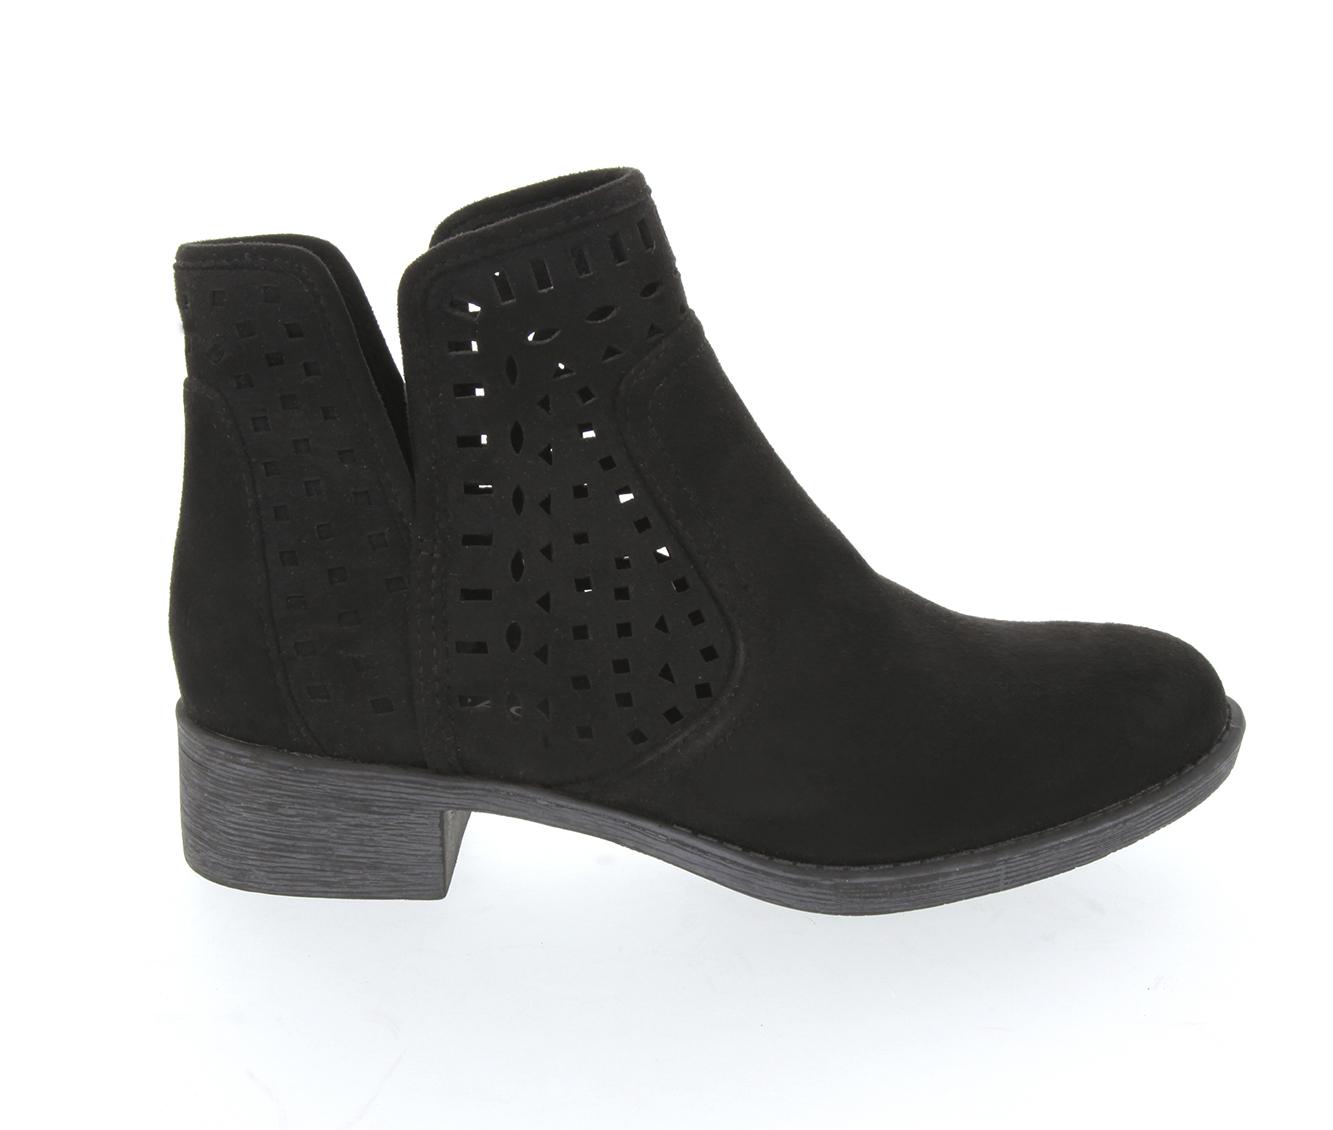 Sugar Calico Women's Boot (Black Canvas)